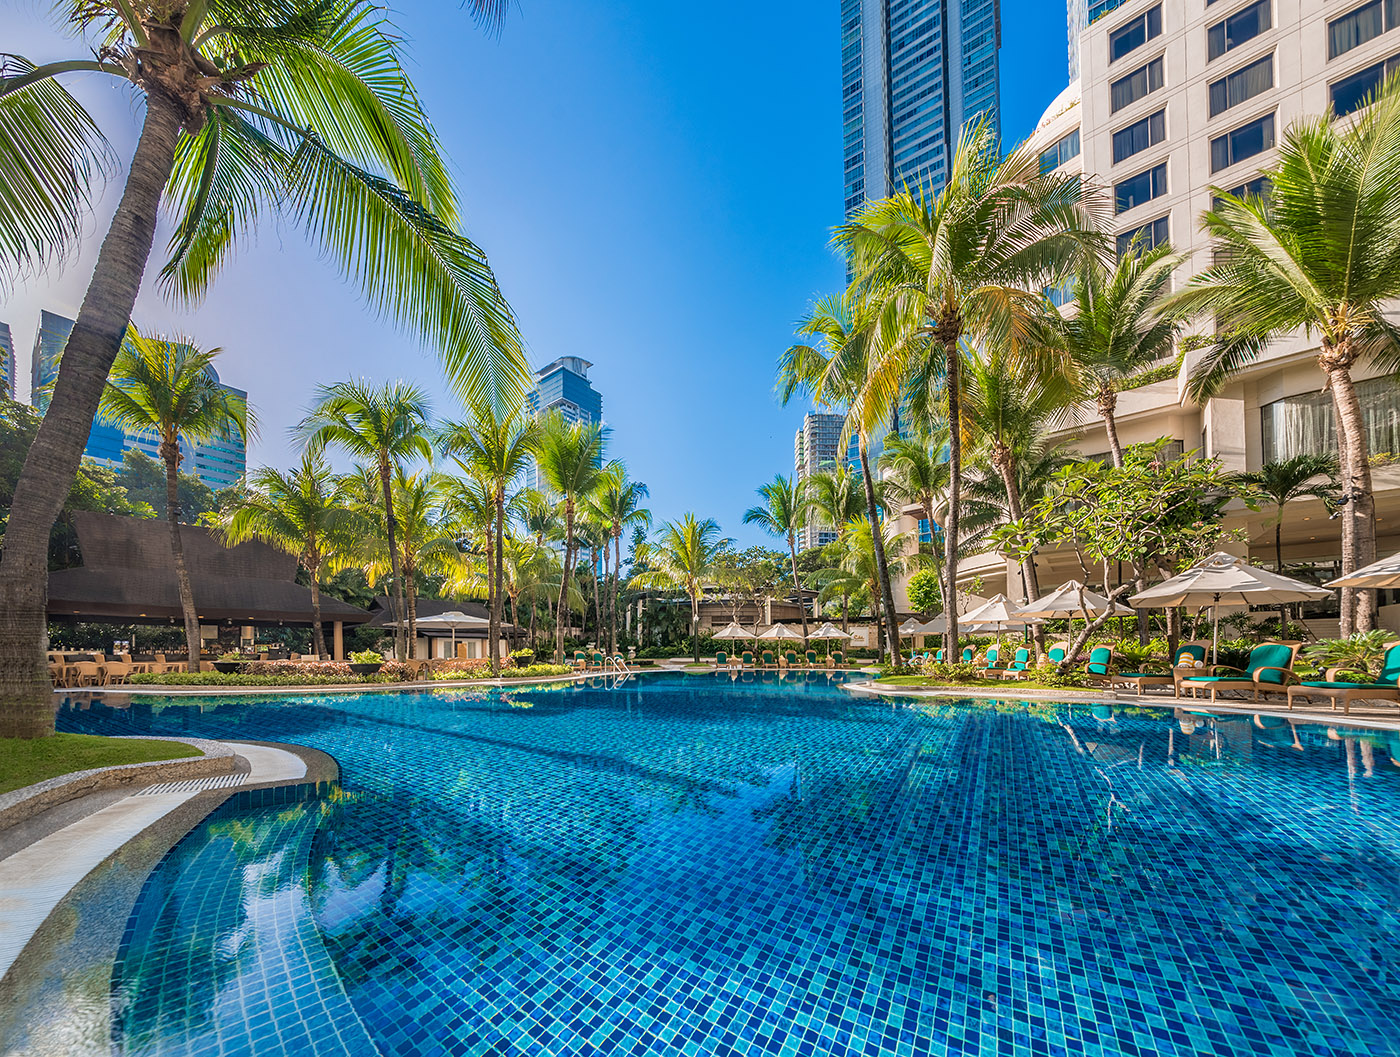 Pool area of EDSA Shangri-La Hotel